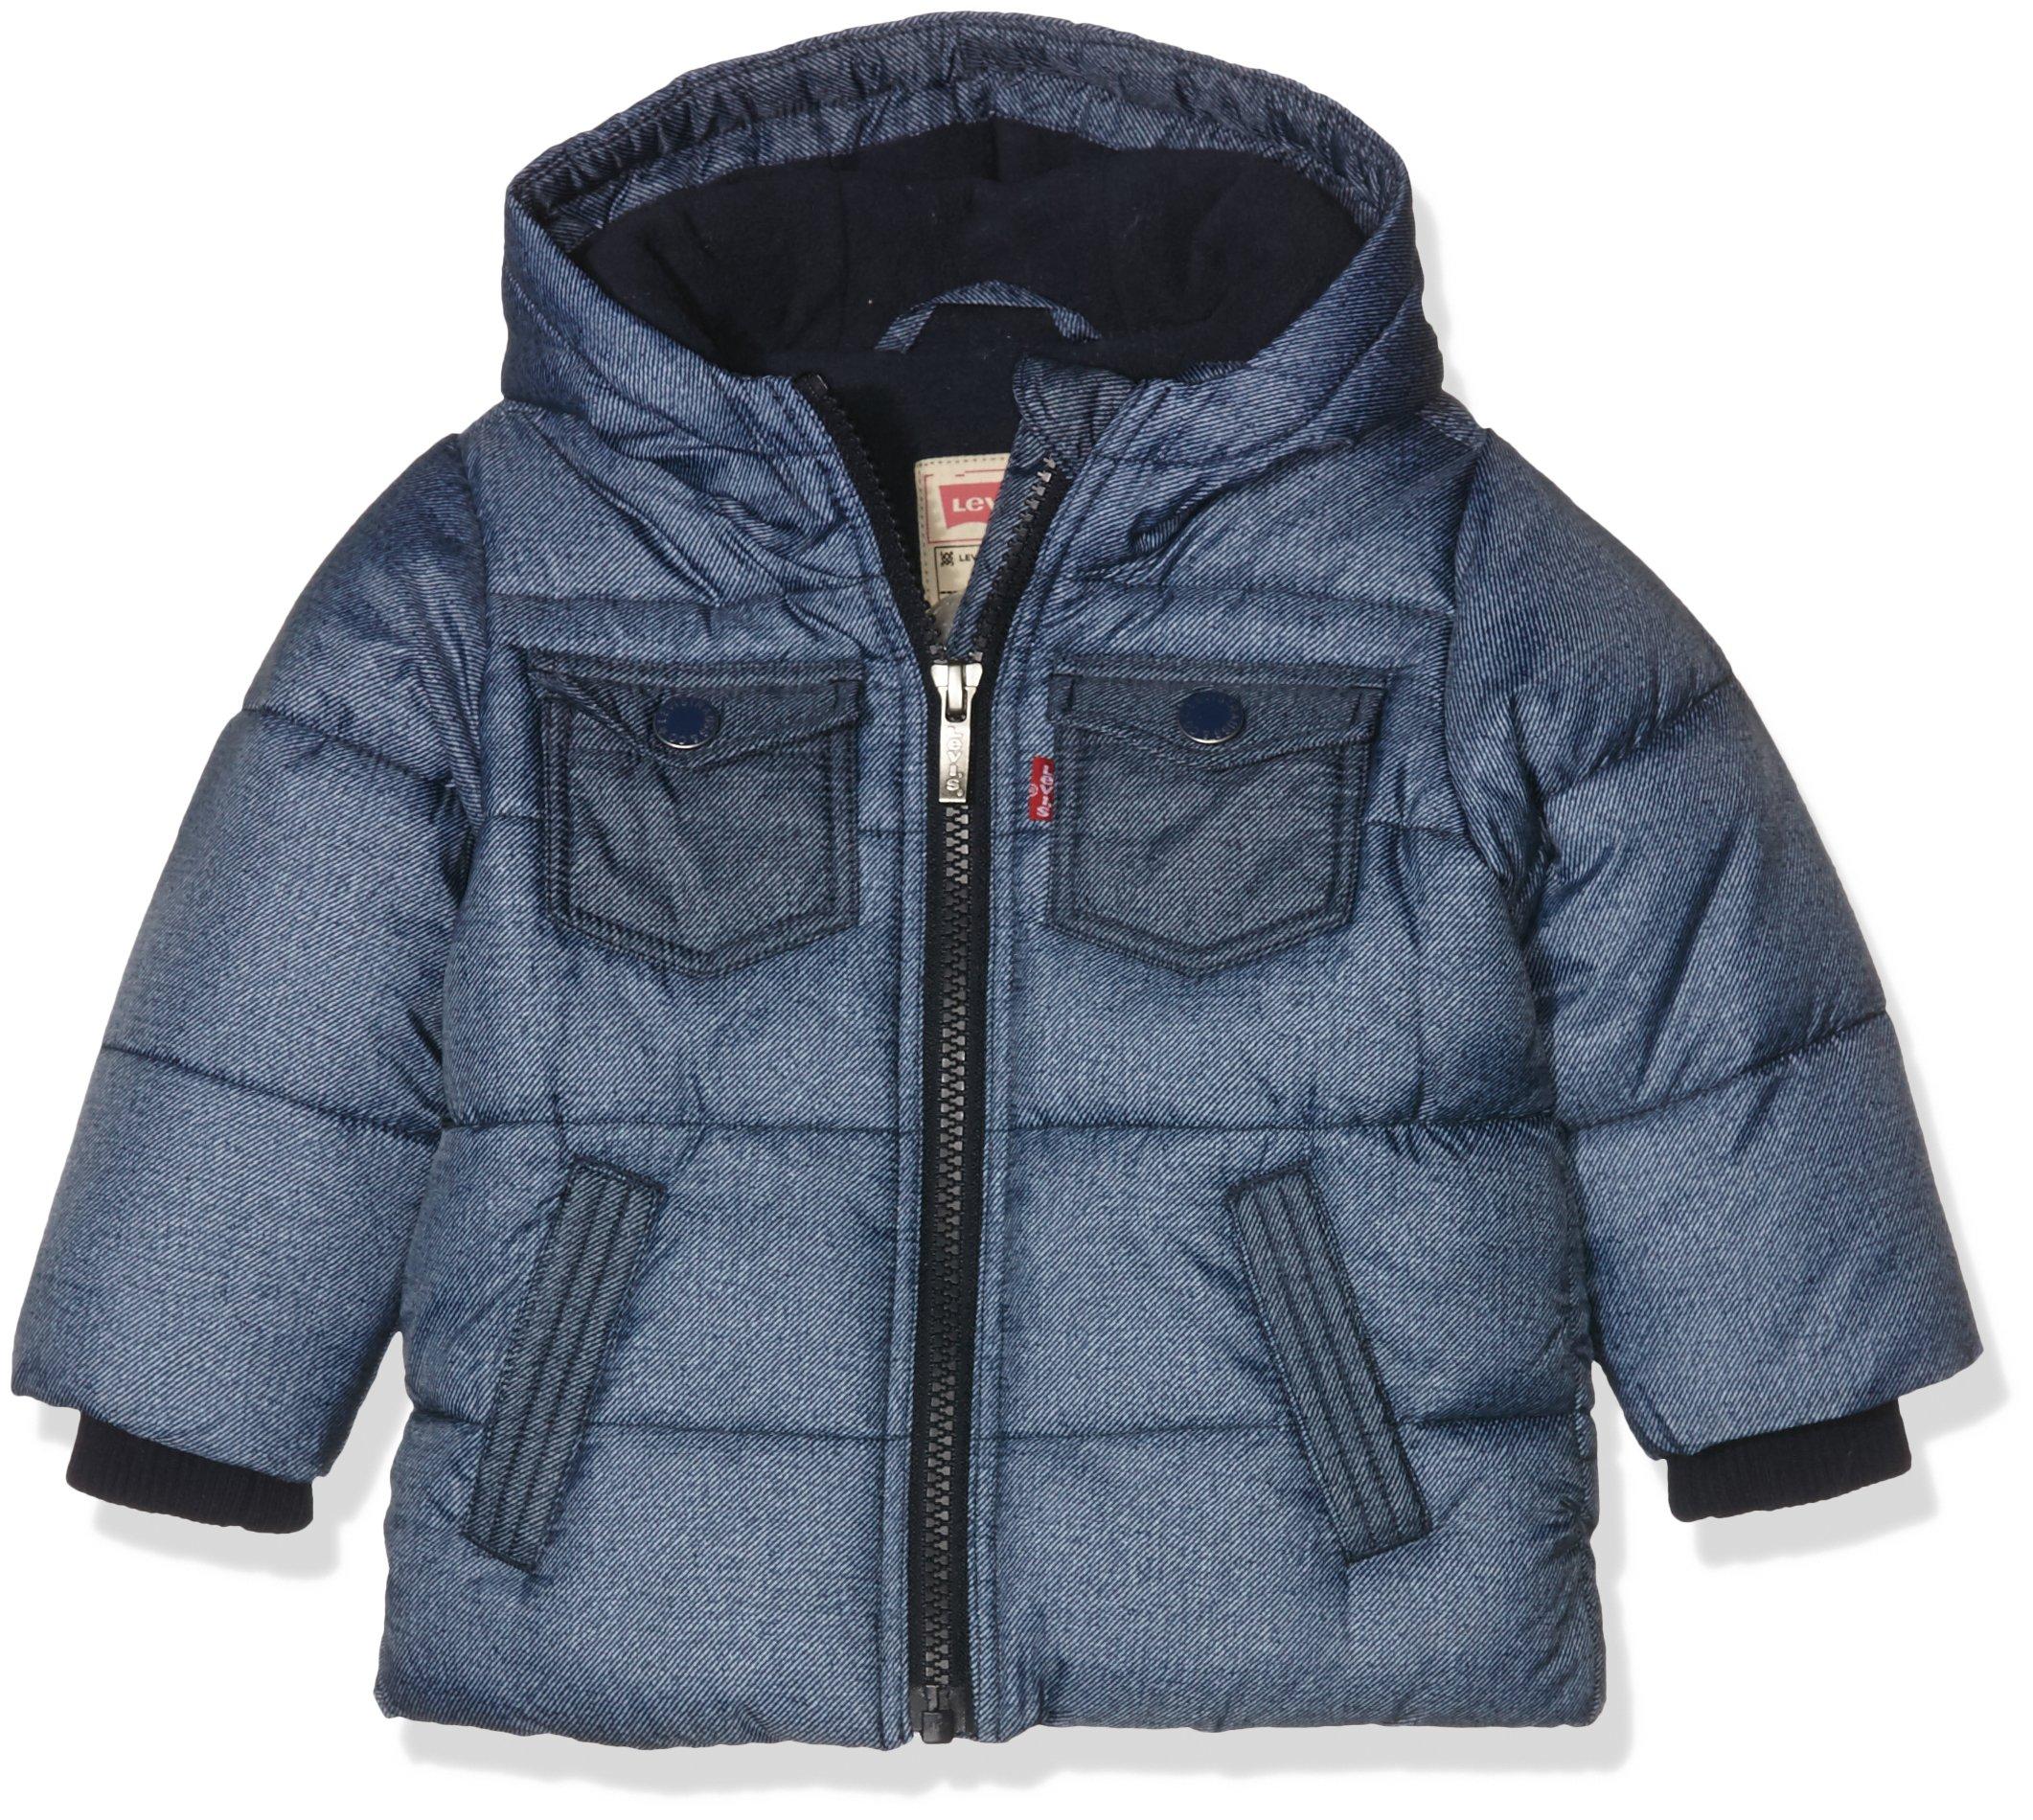 Levi's NI41014, Chaqueta Impermeable para Bebés